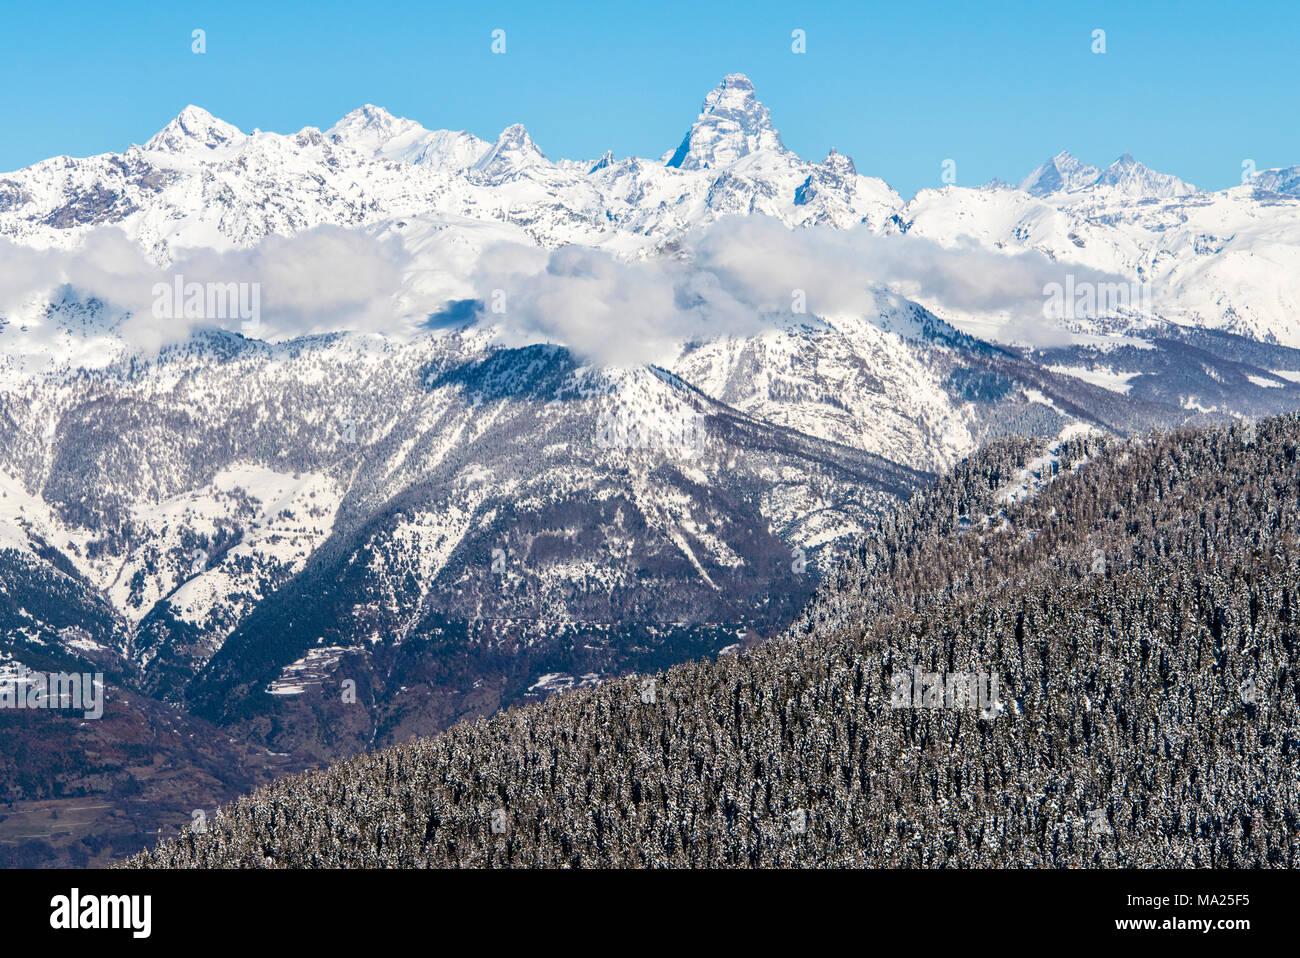 Vues à partir de la station de ski de Pila, vallée d'aoste, Italie Photo Stock